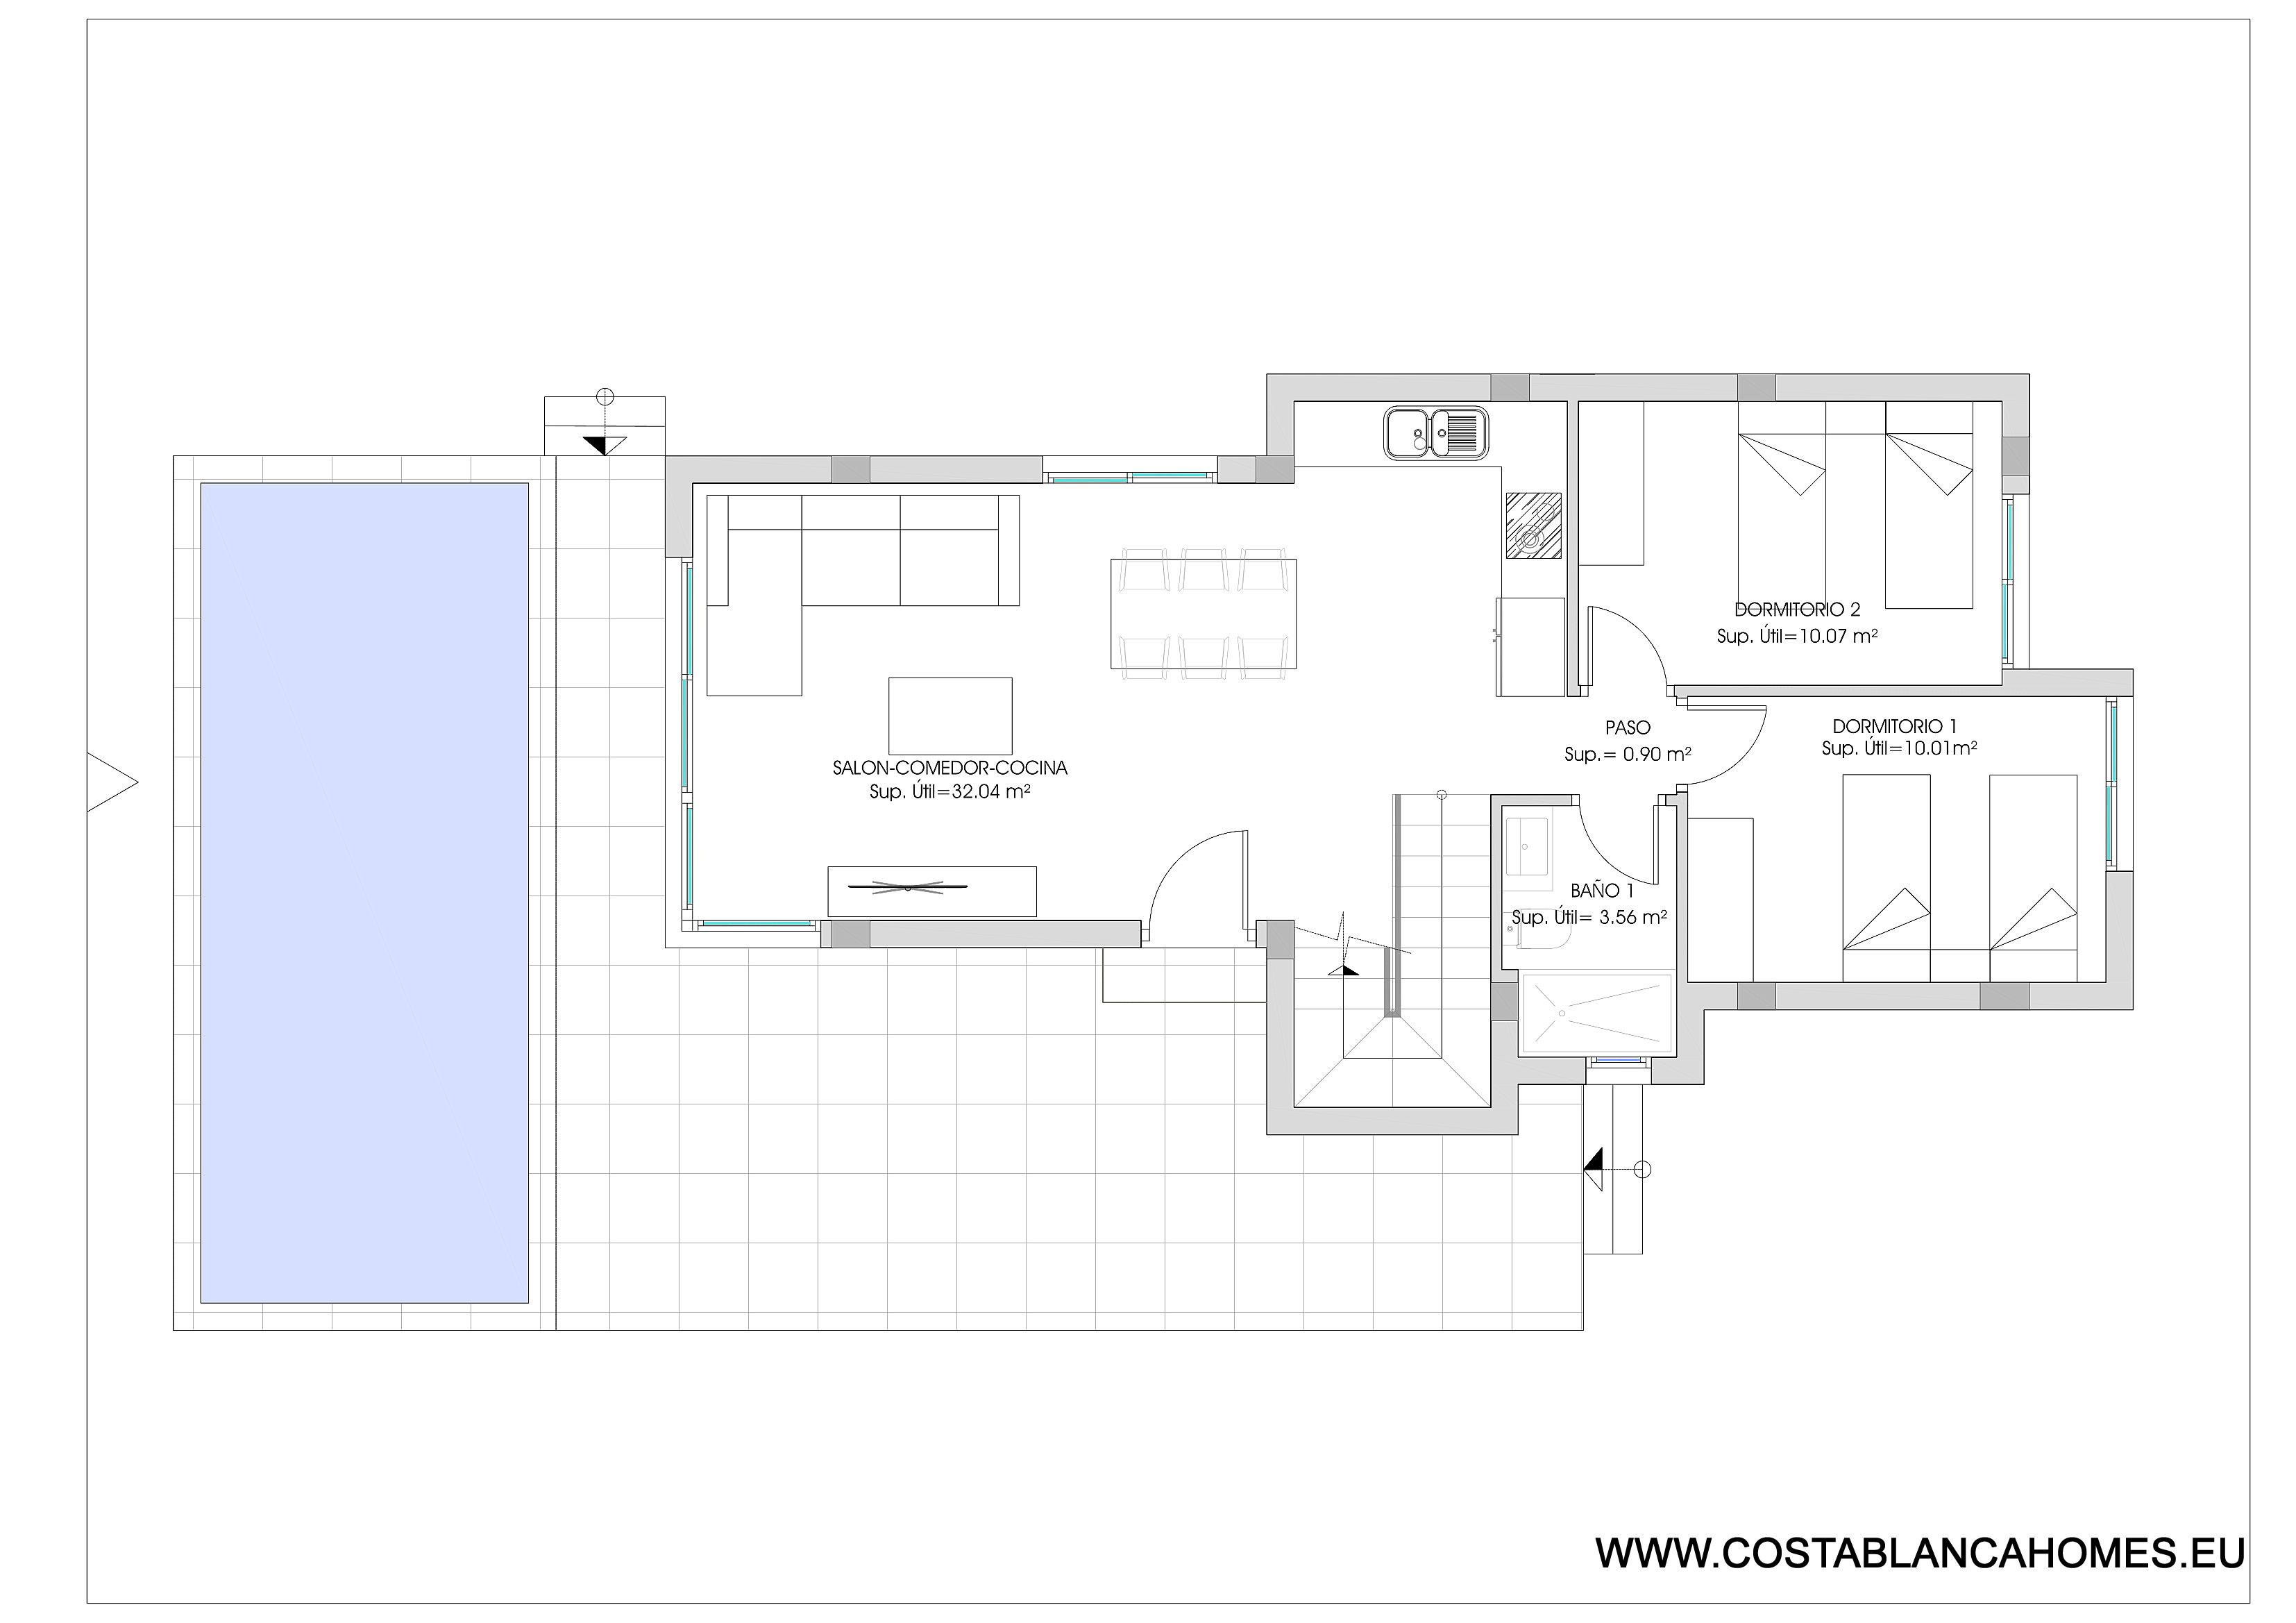 Finestrat villa s 415 costa blanca - Vliegtuig badkamer m ...